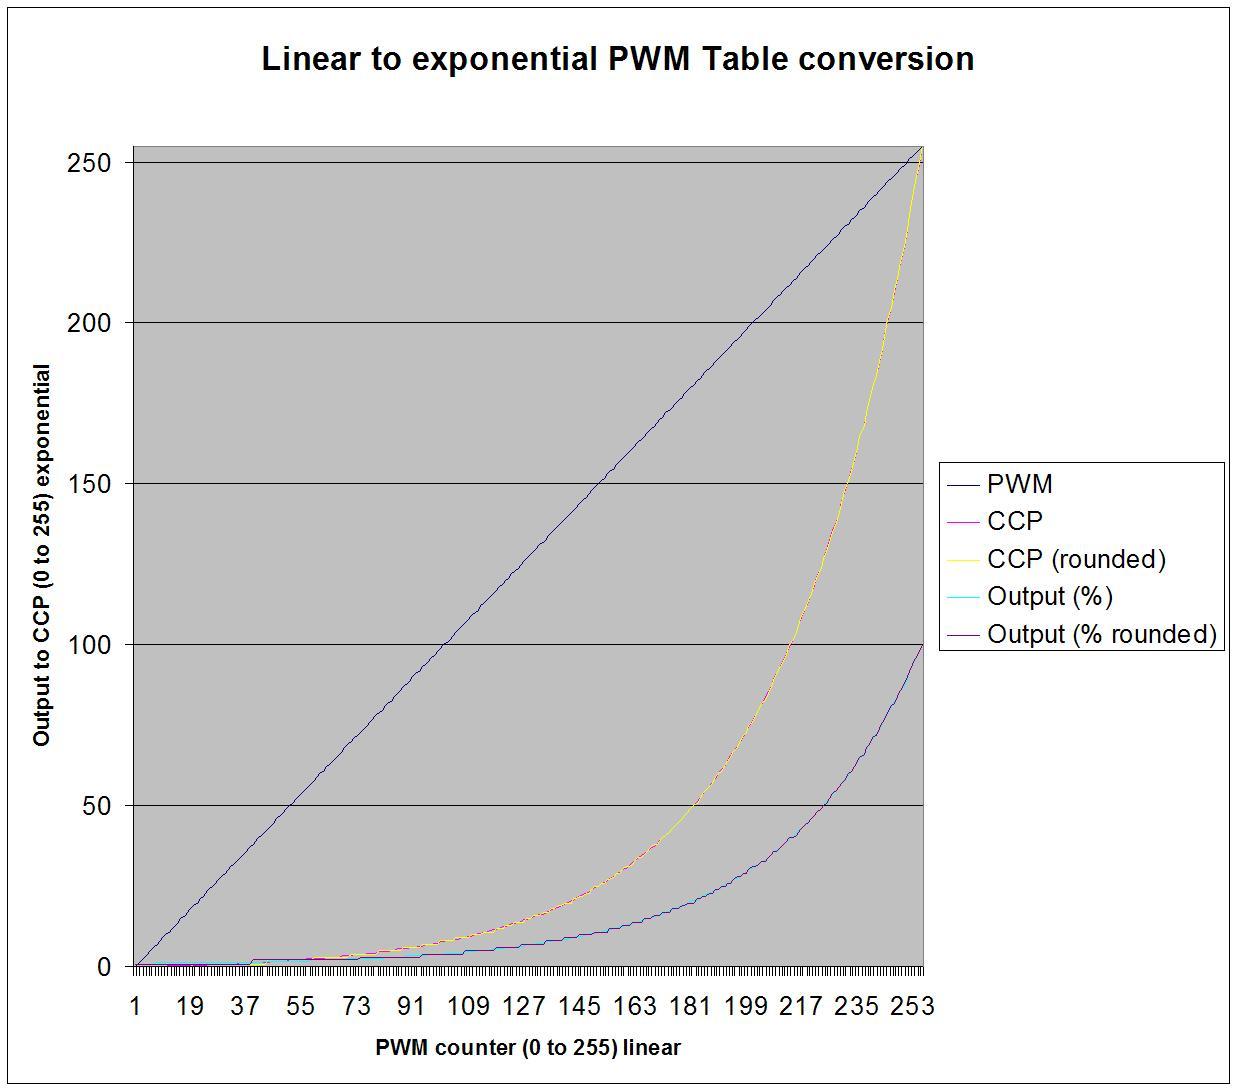 http://www.turbokeu.com/myprojects/tl-dimmer/pwm_conversion.jpg